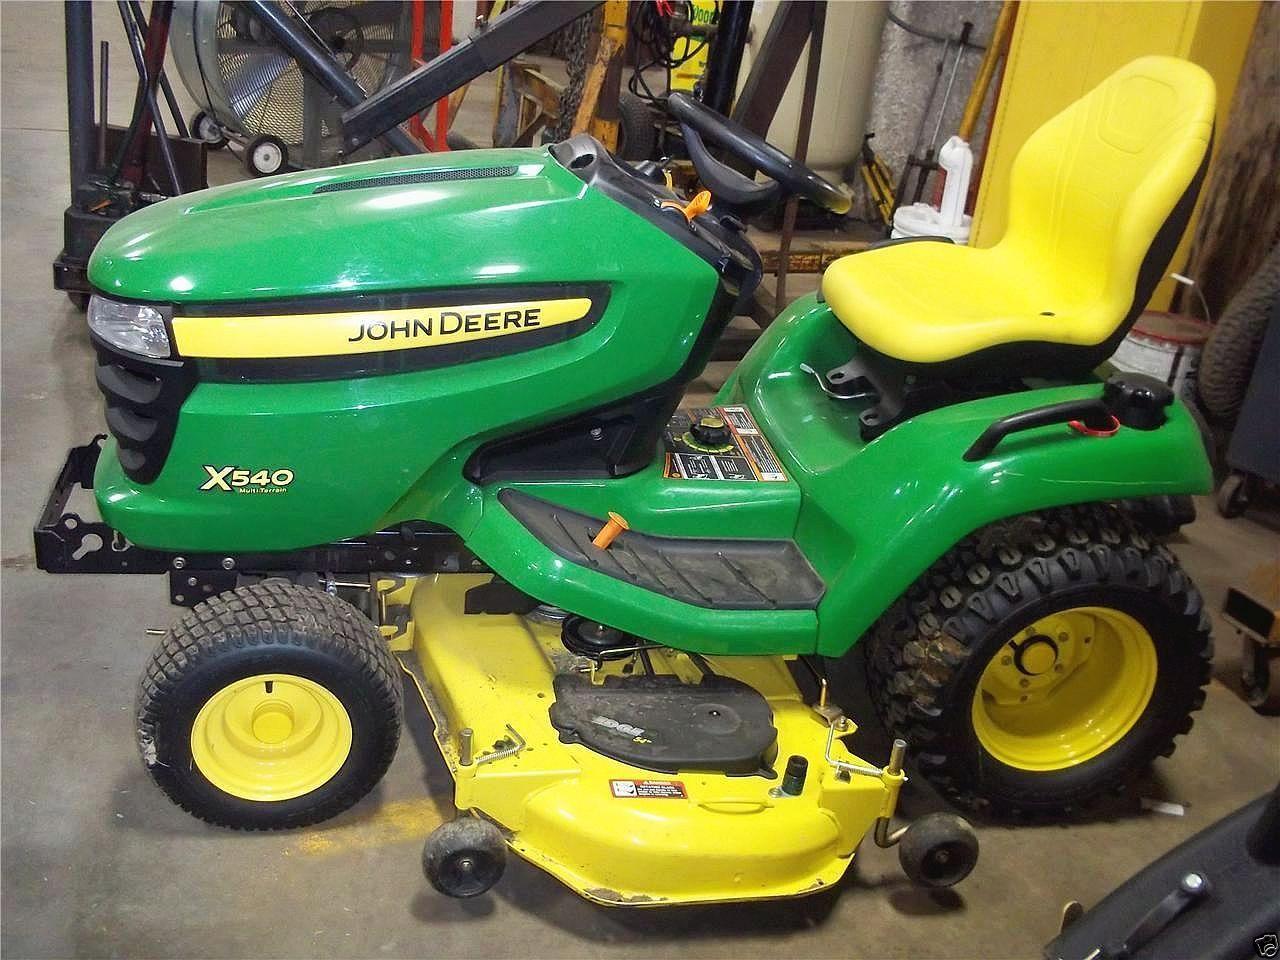 X530 GARDEN TRACTORS #KI. ;  YELLOW SEAT FOR JOHN DEERE ...